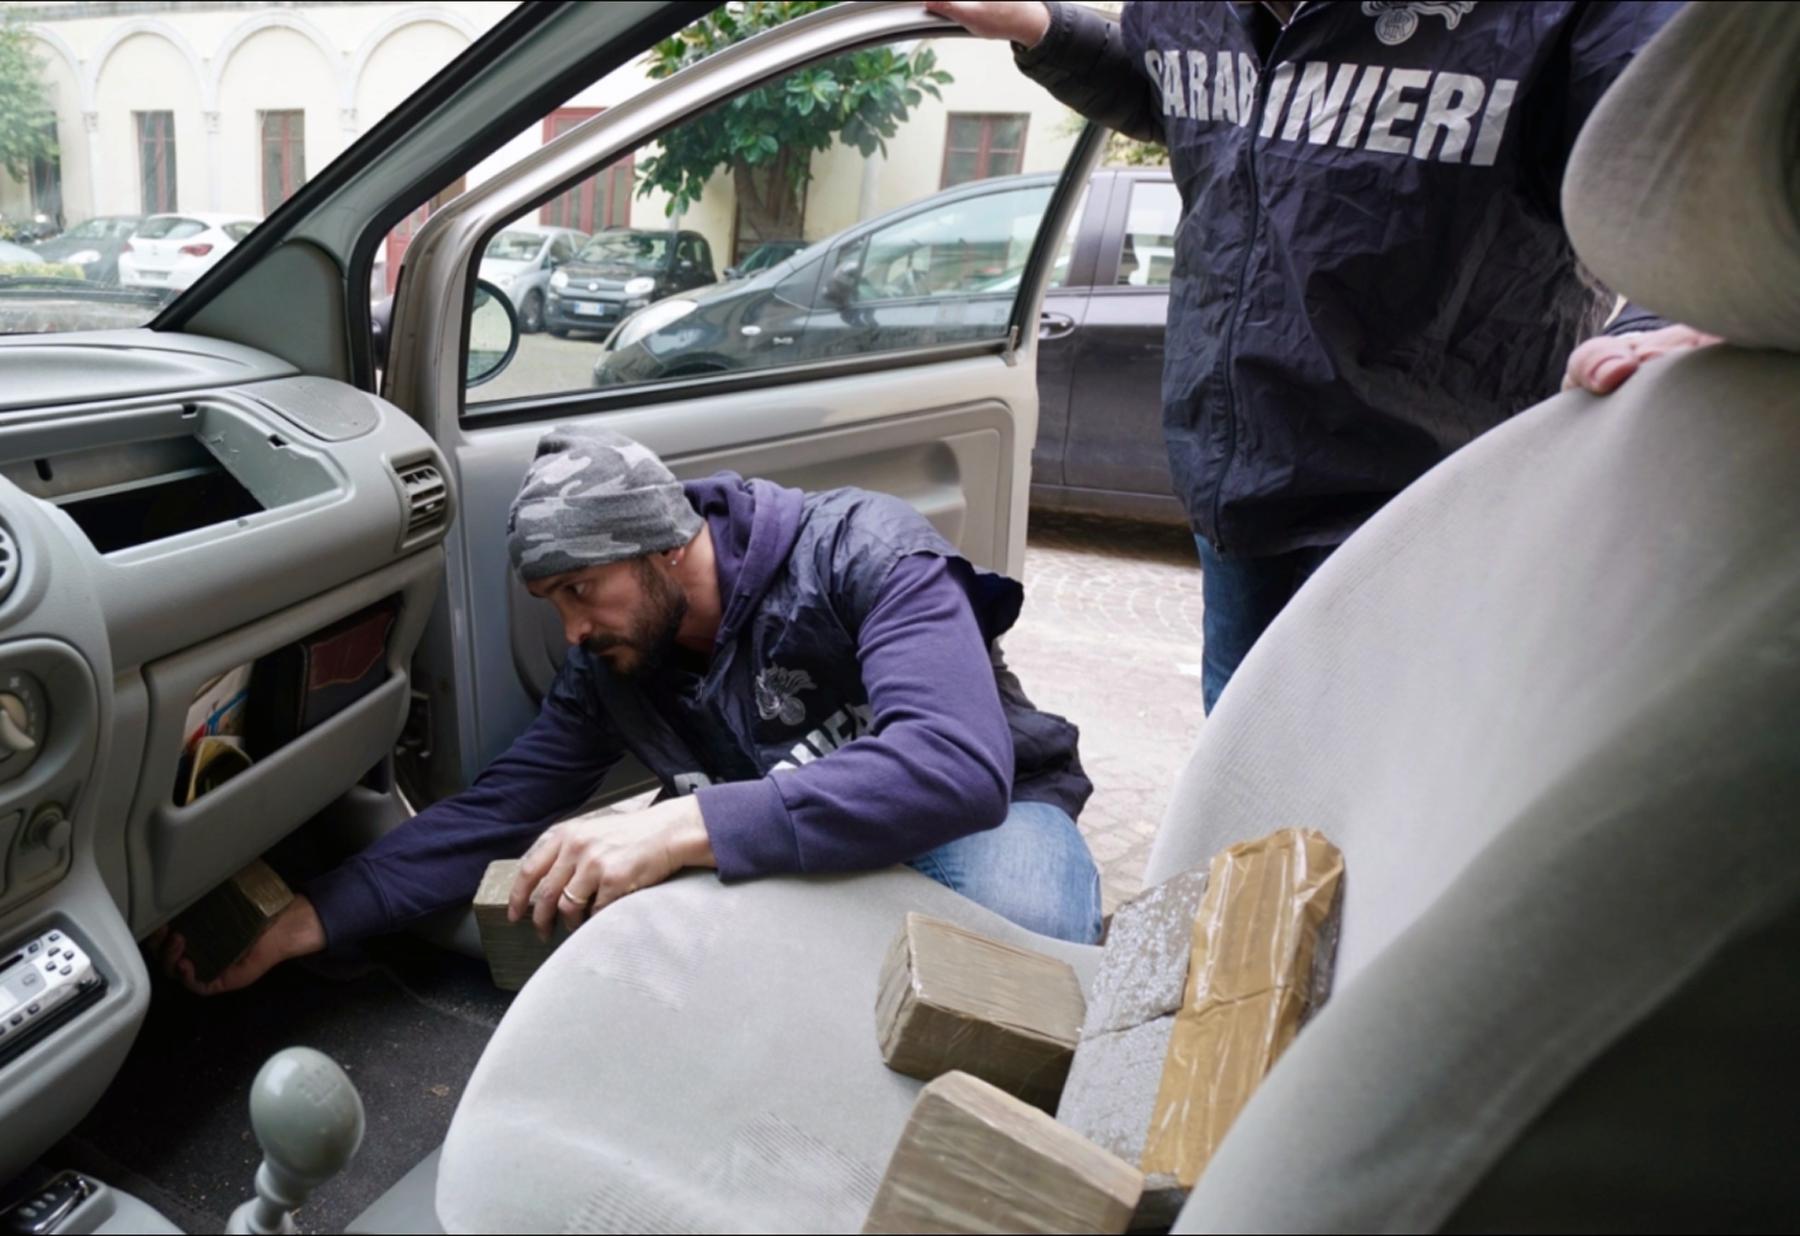 Camorra traffico di droga da marocco e spagna arrestati - Droga dei sali da bagno ...